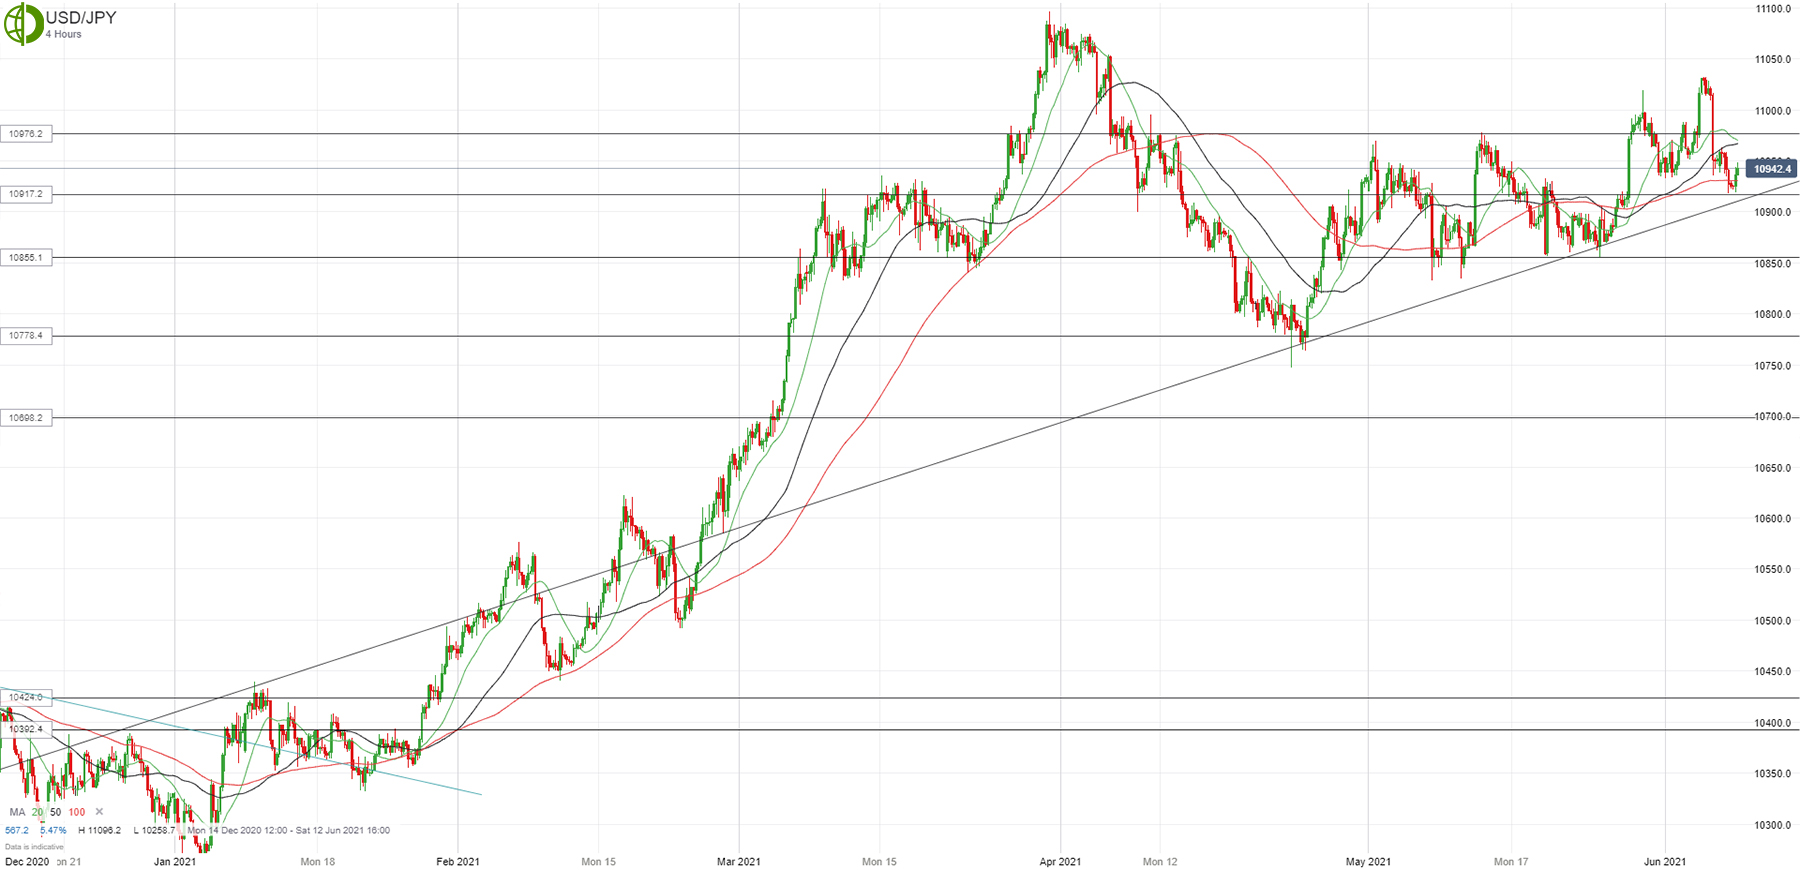 Доллар/йена тестирует линию поддержки